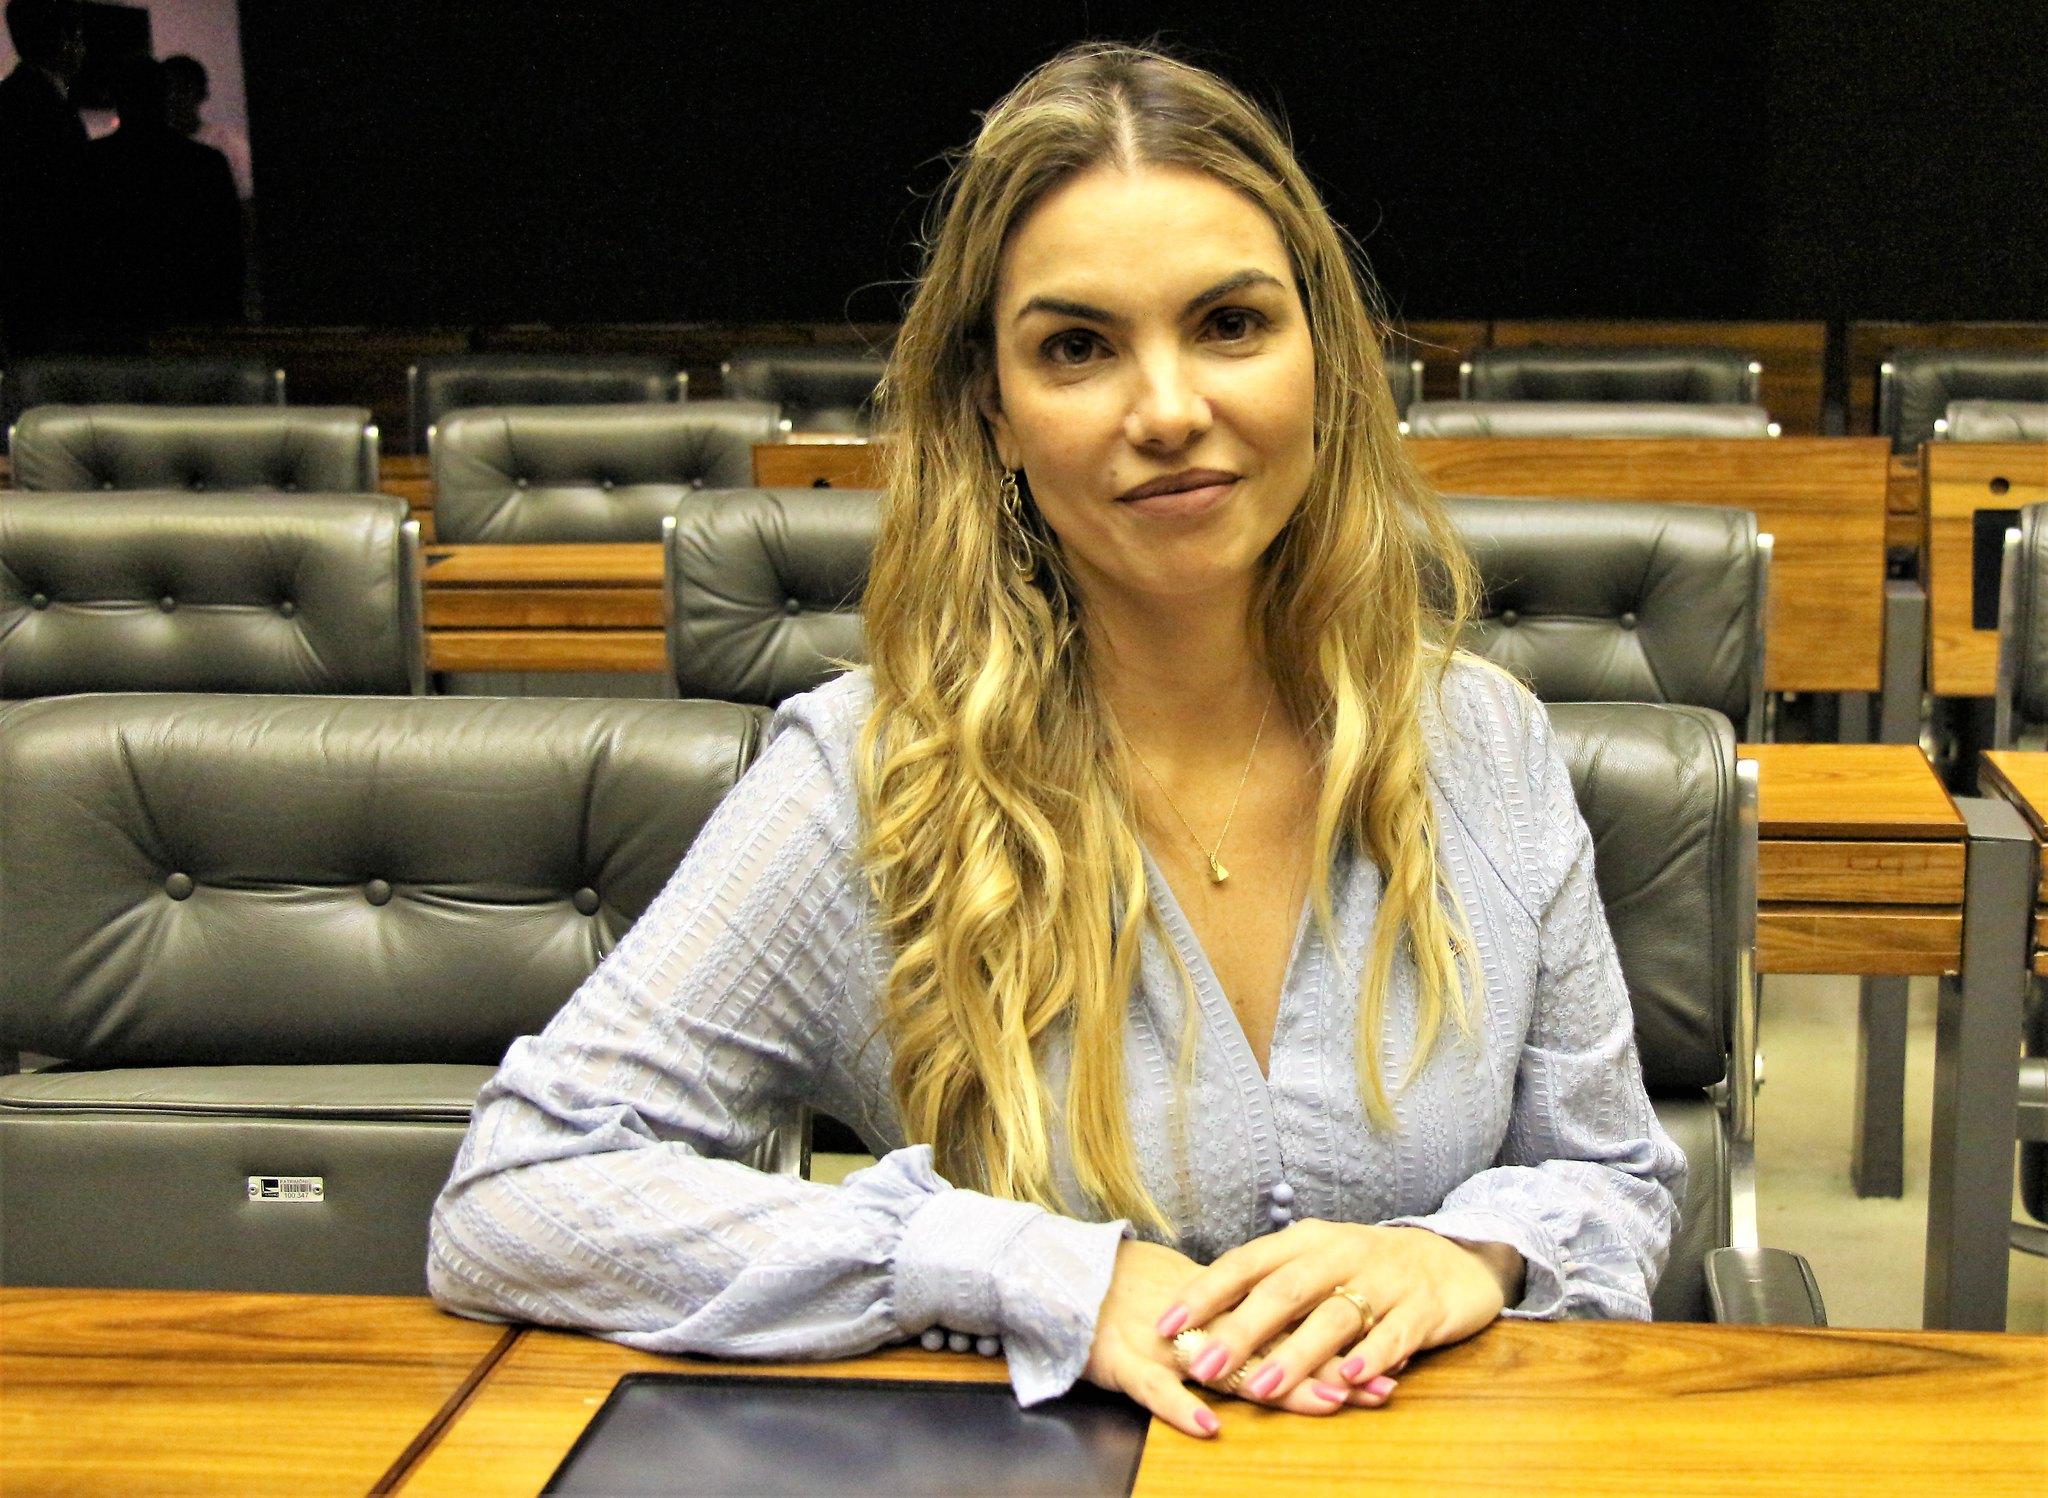 Paula Belmonte disputa prêmio de melhor deputada do Brasil